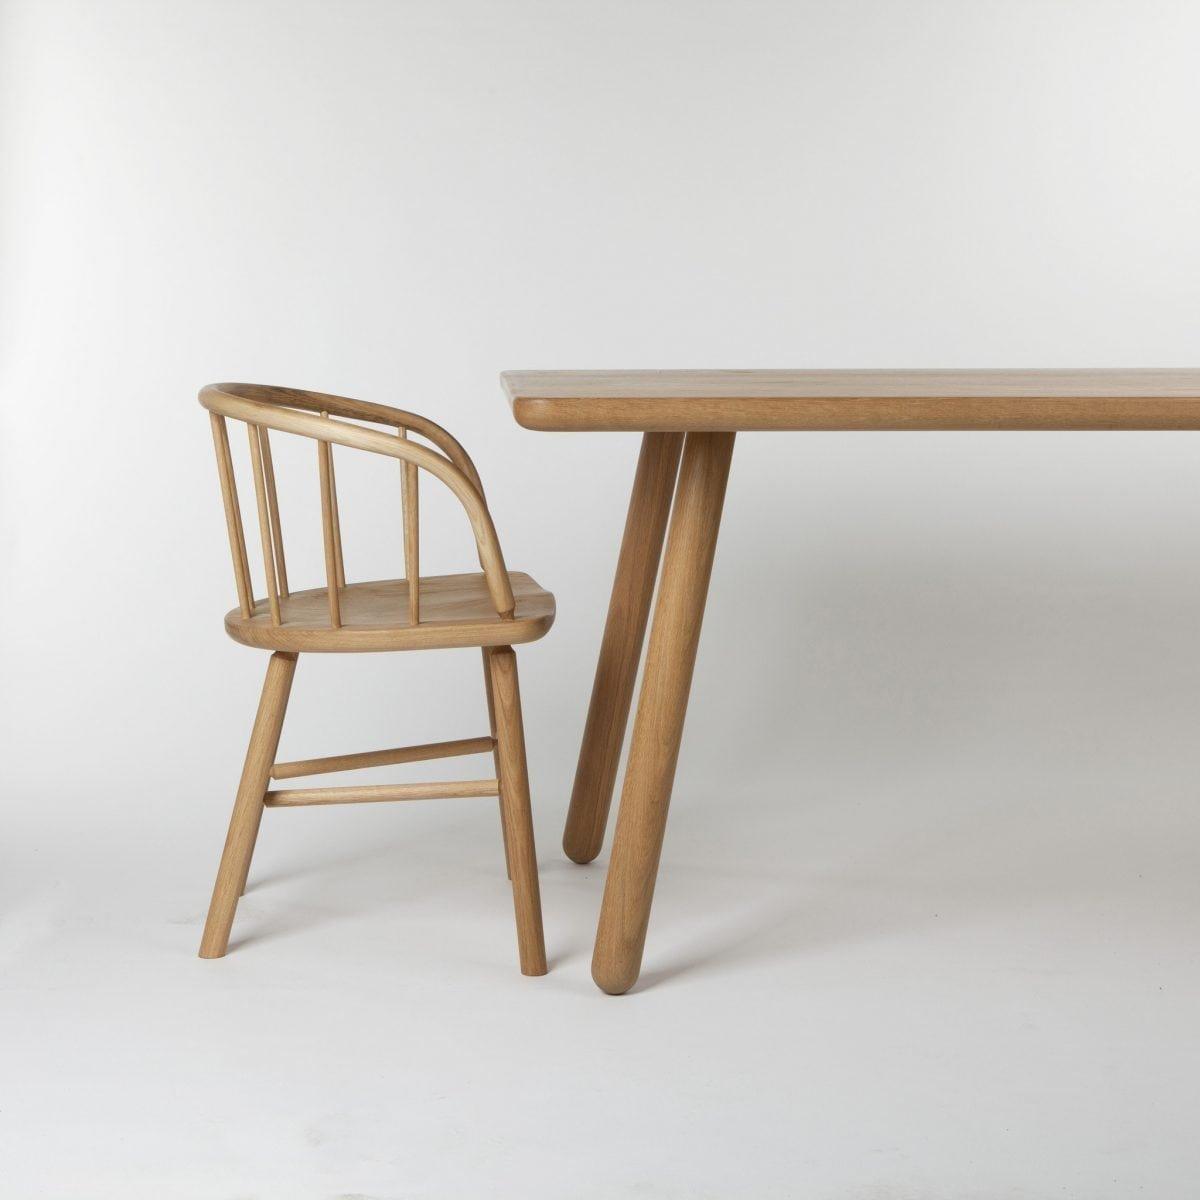 Tr s grande table de salle manger one en ch ne naturel par another country en vente sur pamono - Tres grande table salle a manger ...